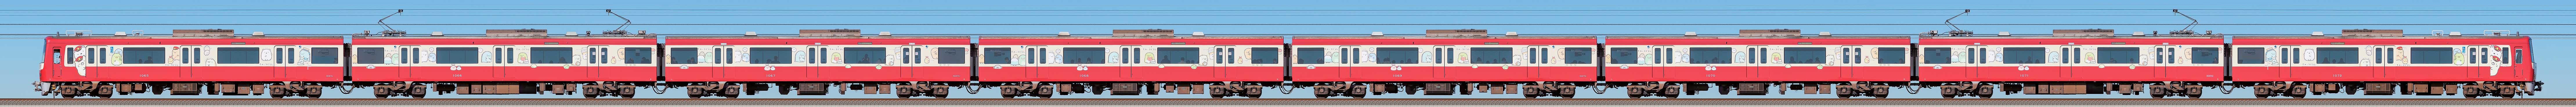 京急電鉄 新1000形(5次車)1065編成「京急トラッドトレイン すみっコぐらし号」(海側)の編成サイドビュー